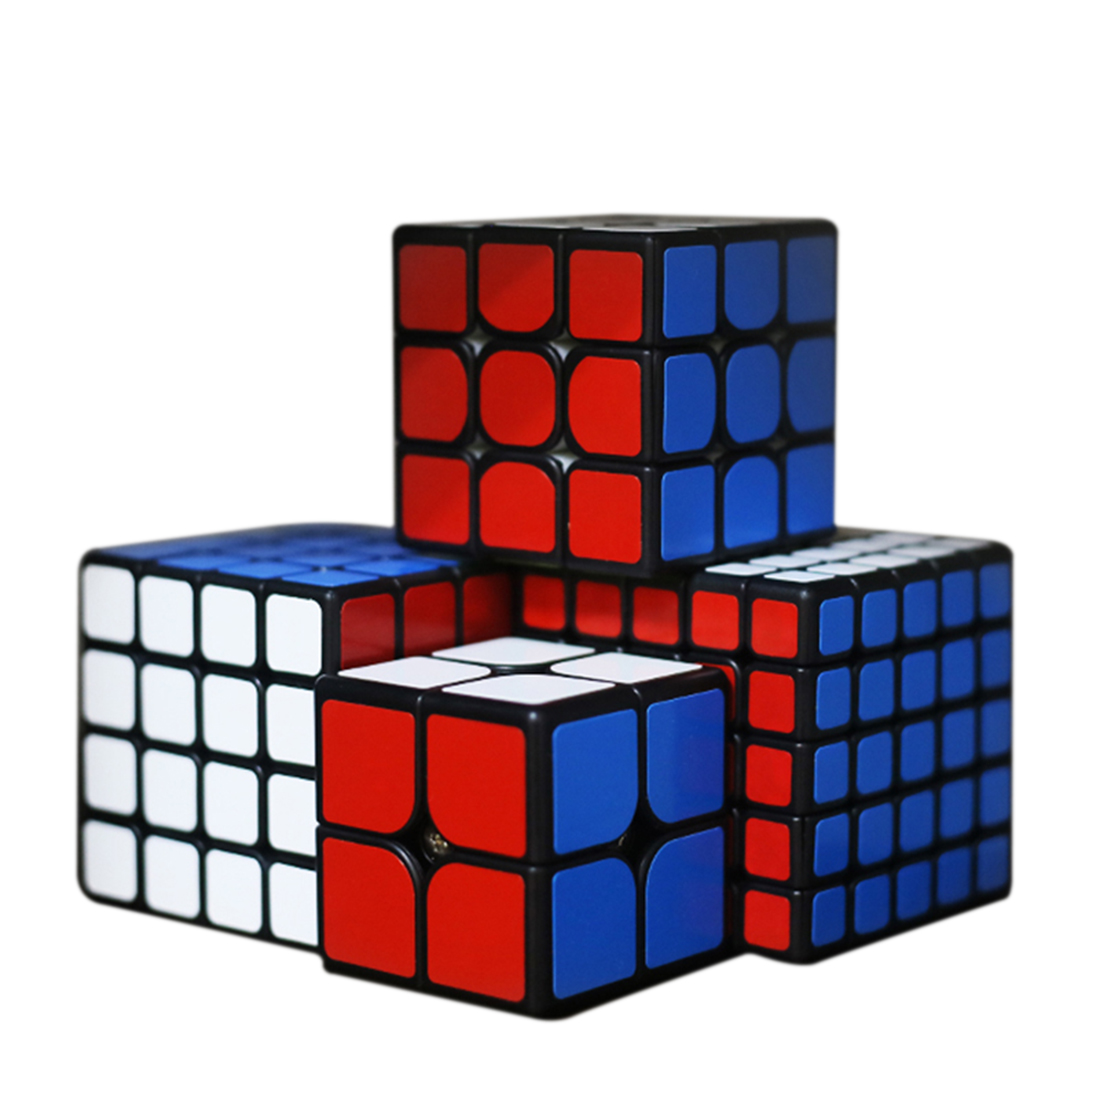 Shengshou Mr M 2x2x2 3x3x3 4x4x4 5x5x5 Cube magique magnétique Set avec boîte d'emballage pour enfant adulte cadeau présent-noir